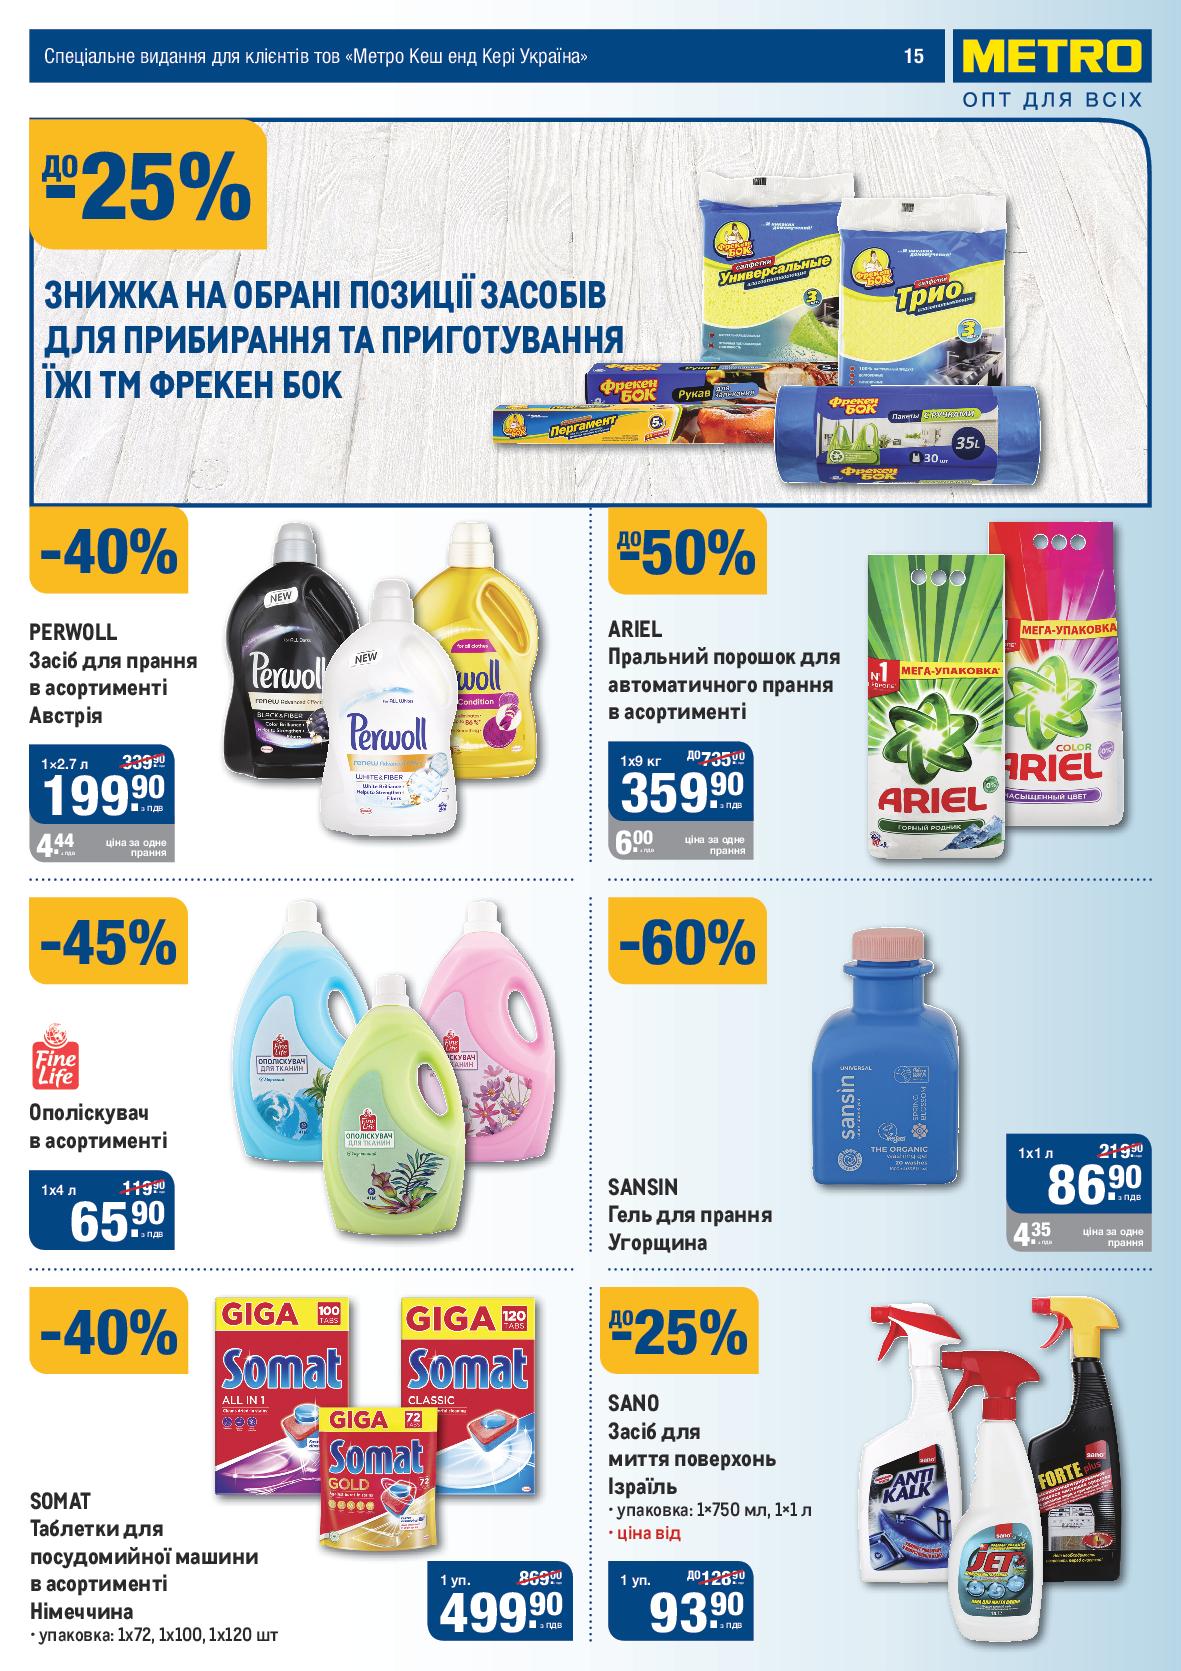 Пора за покупками: свежие скидки и акции в магазинах Днепра , фото-43